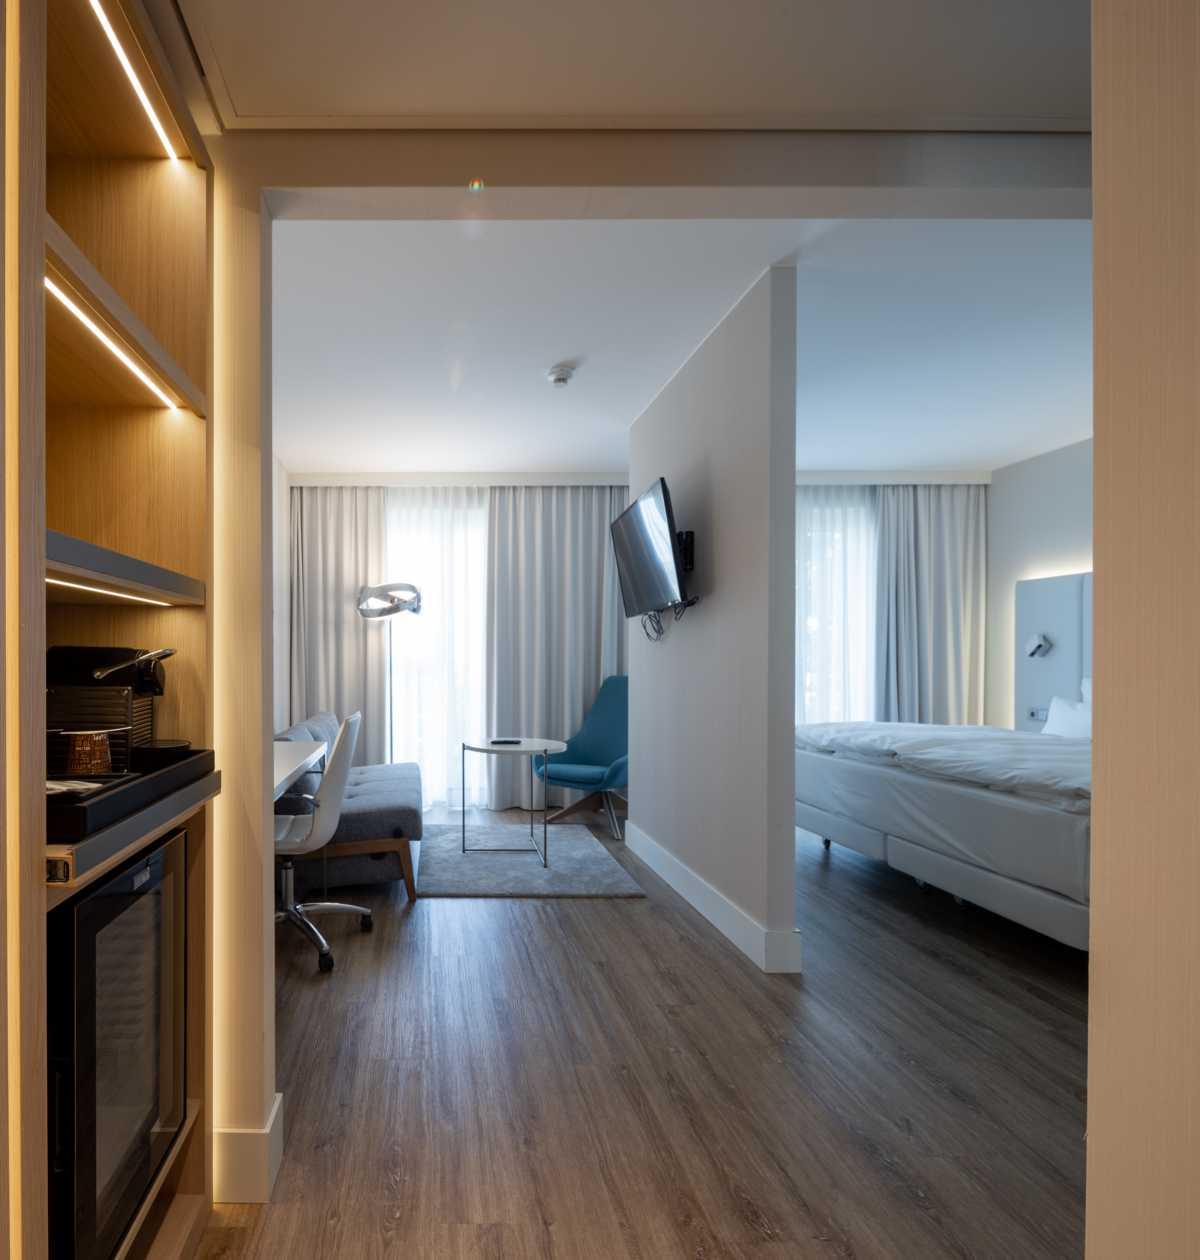 K1600_20200624_073_Prasch Buken Partner Architekten ©DUCKEK NH Hotels niu Hotels Mannheim__G9A5733-Pano